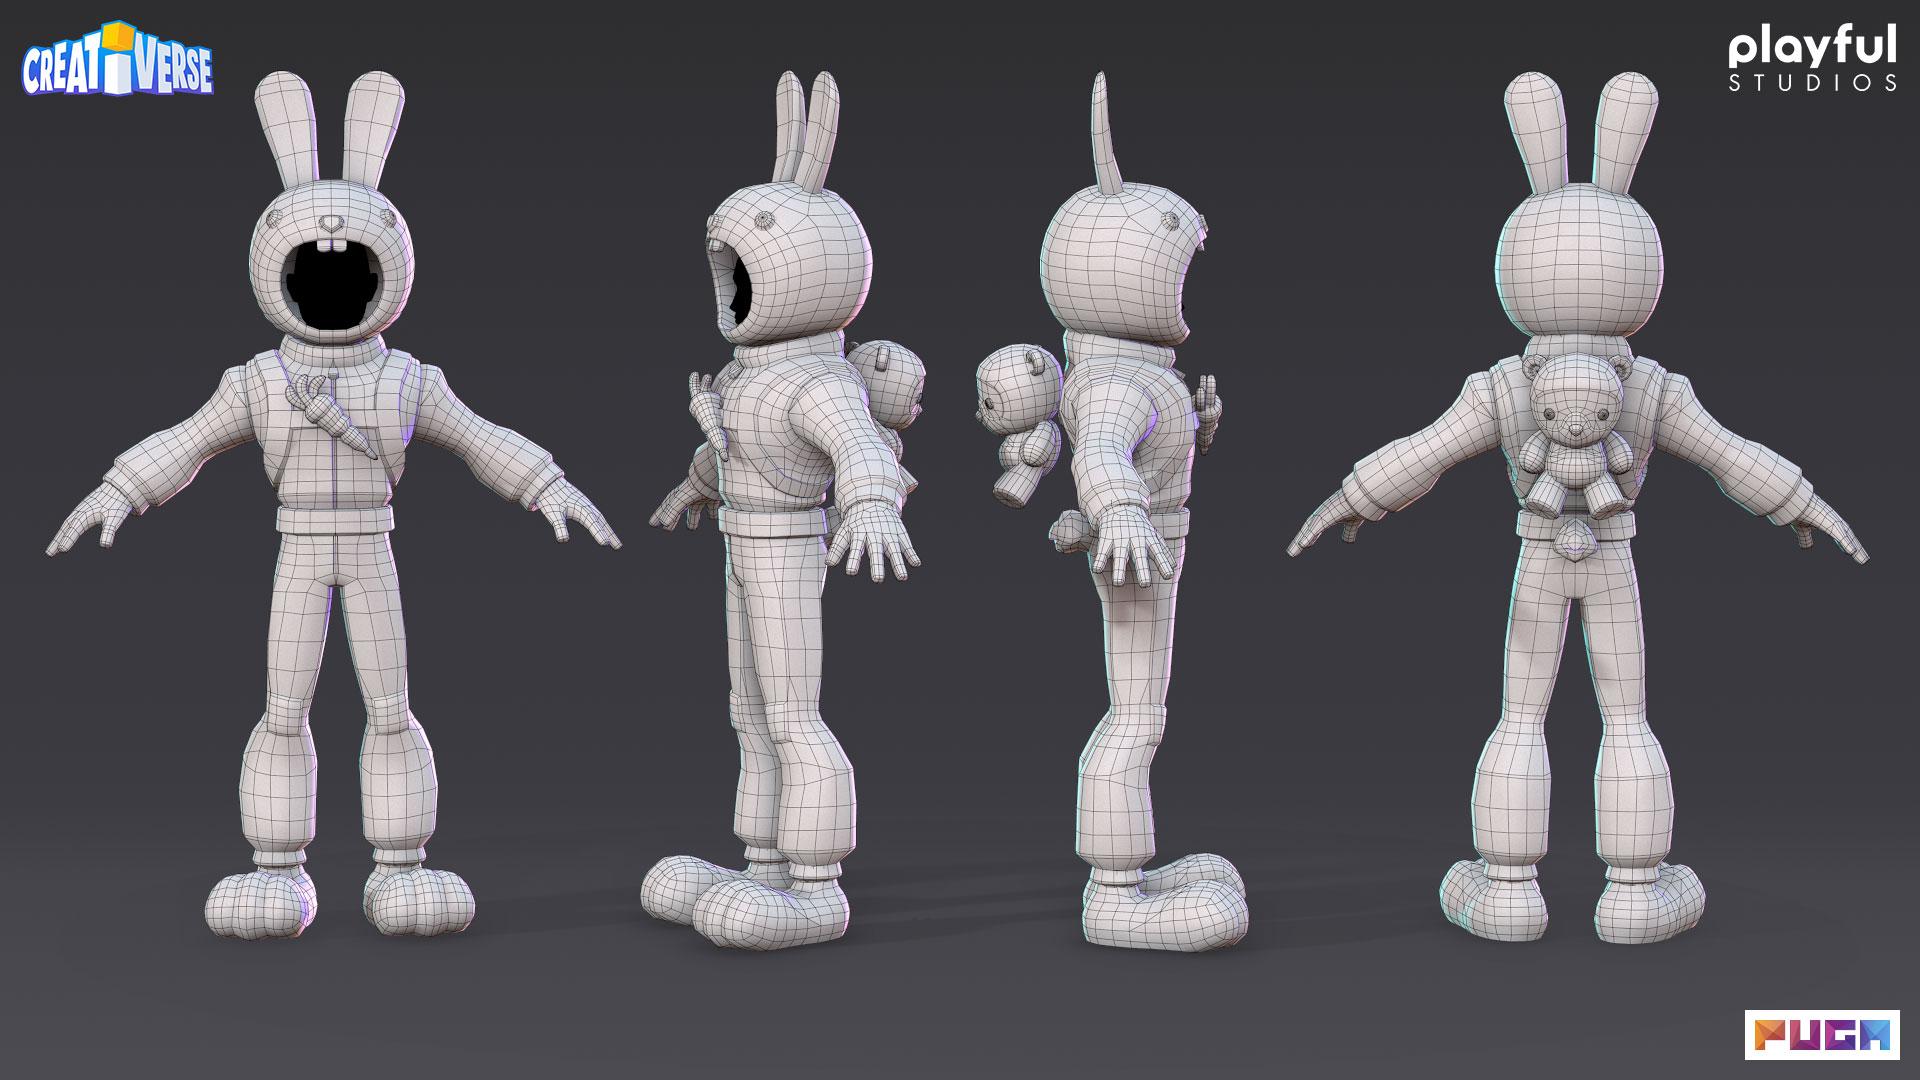 05_PUGA_Creativerse_bunny-male-wire